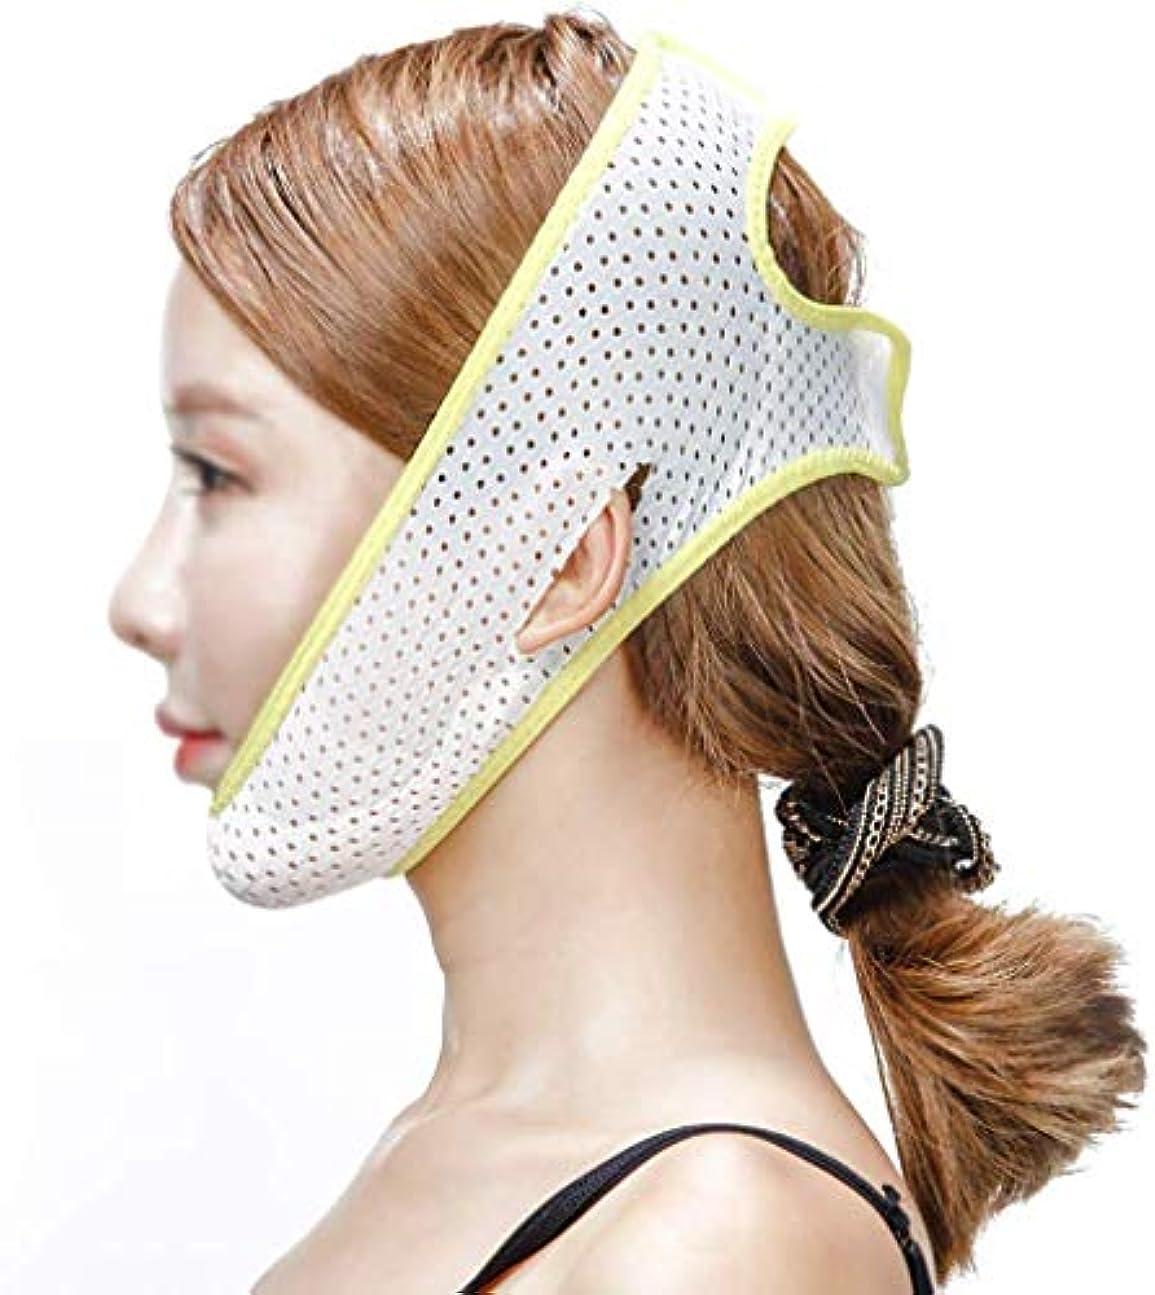 完璧冷凍庫はずHEMFV 顔のスリミングストラップ - チンはフェイシャルマスクを持ち上げては - 皮膚のたるみを排除します